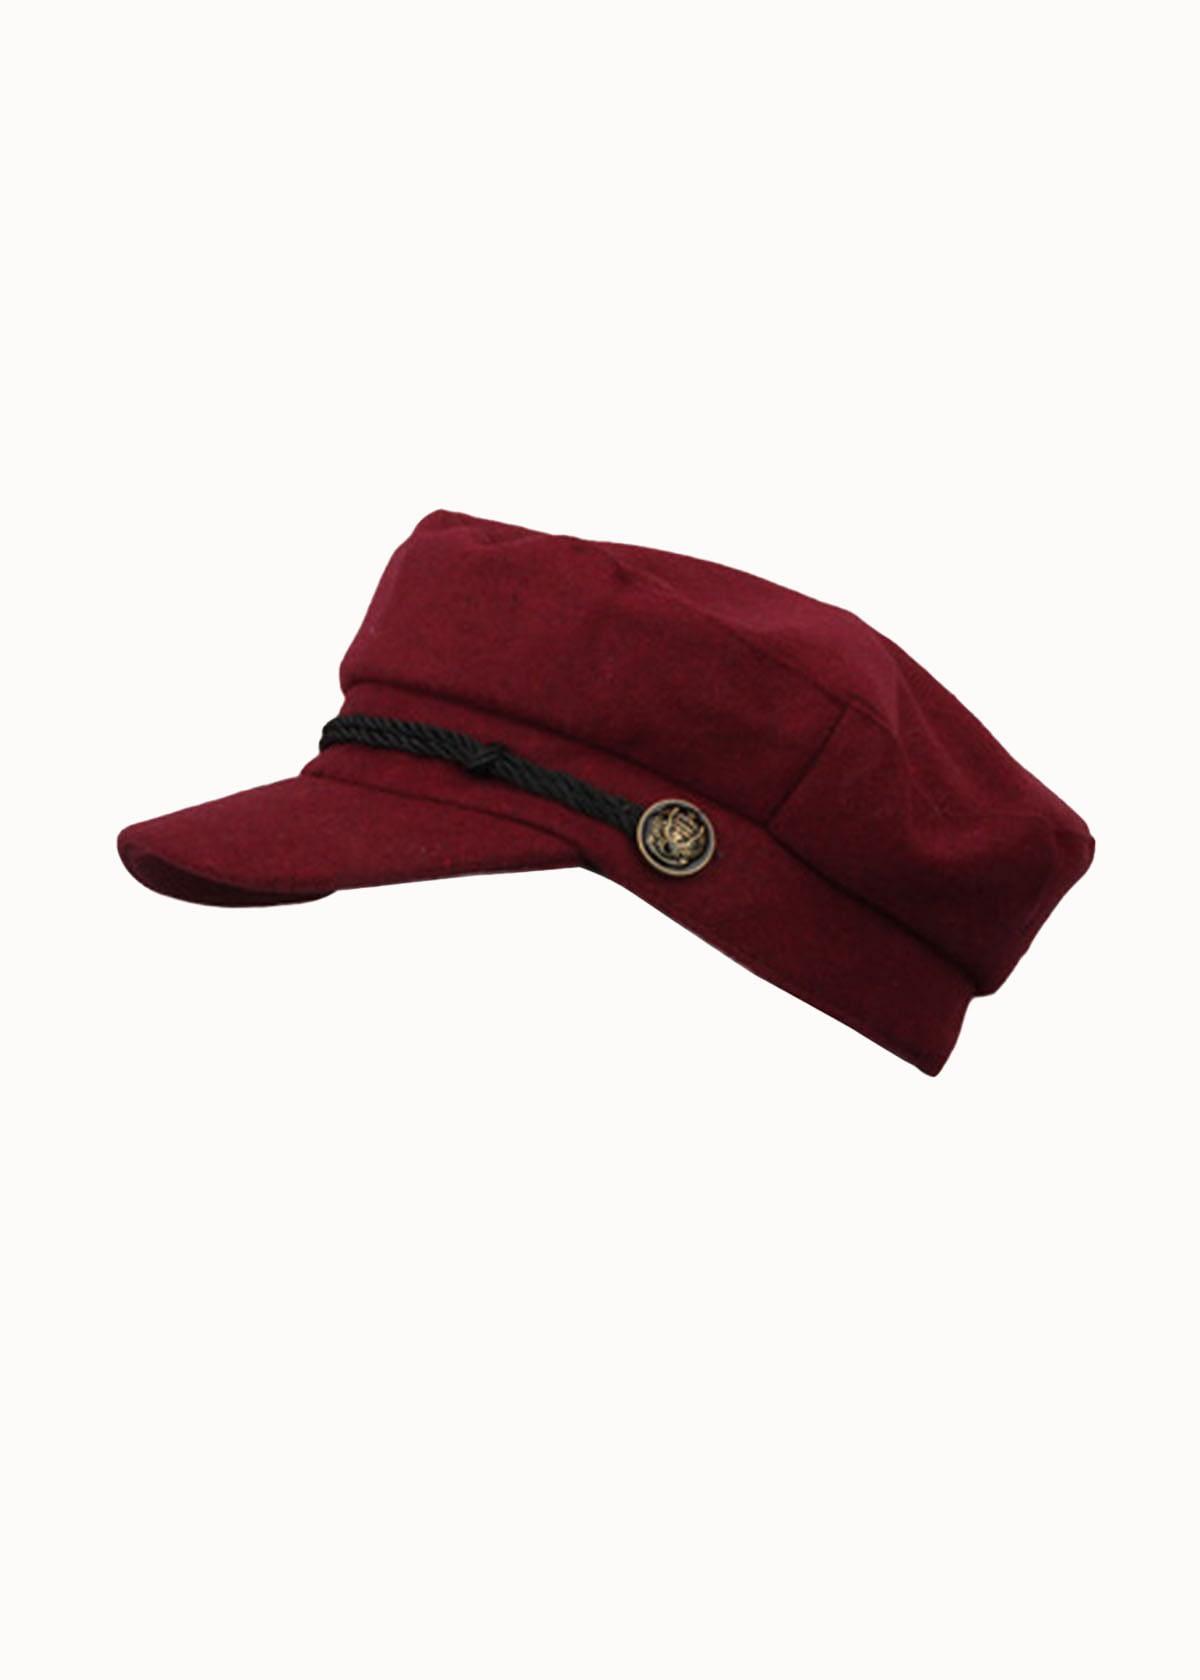 Sailor cap bordeaux